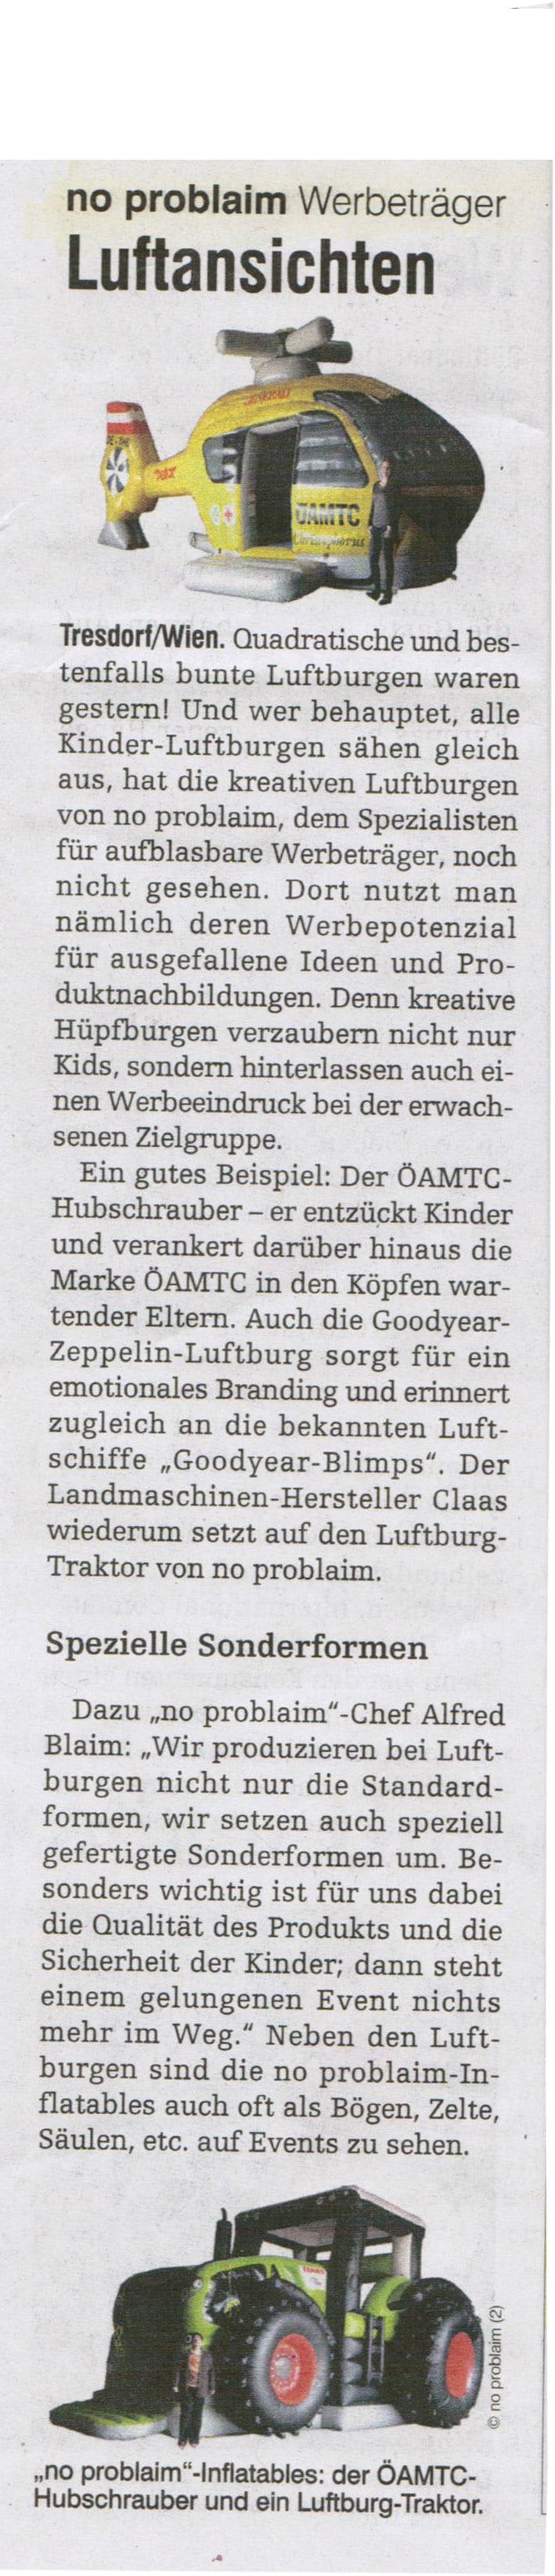 Medianet April 2014